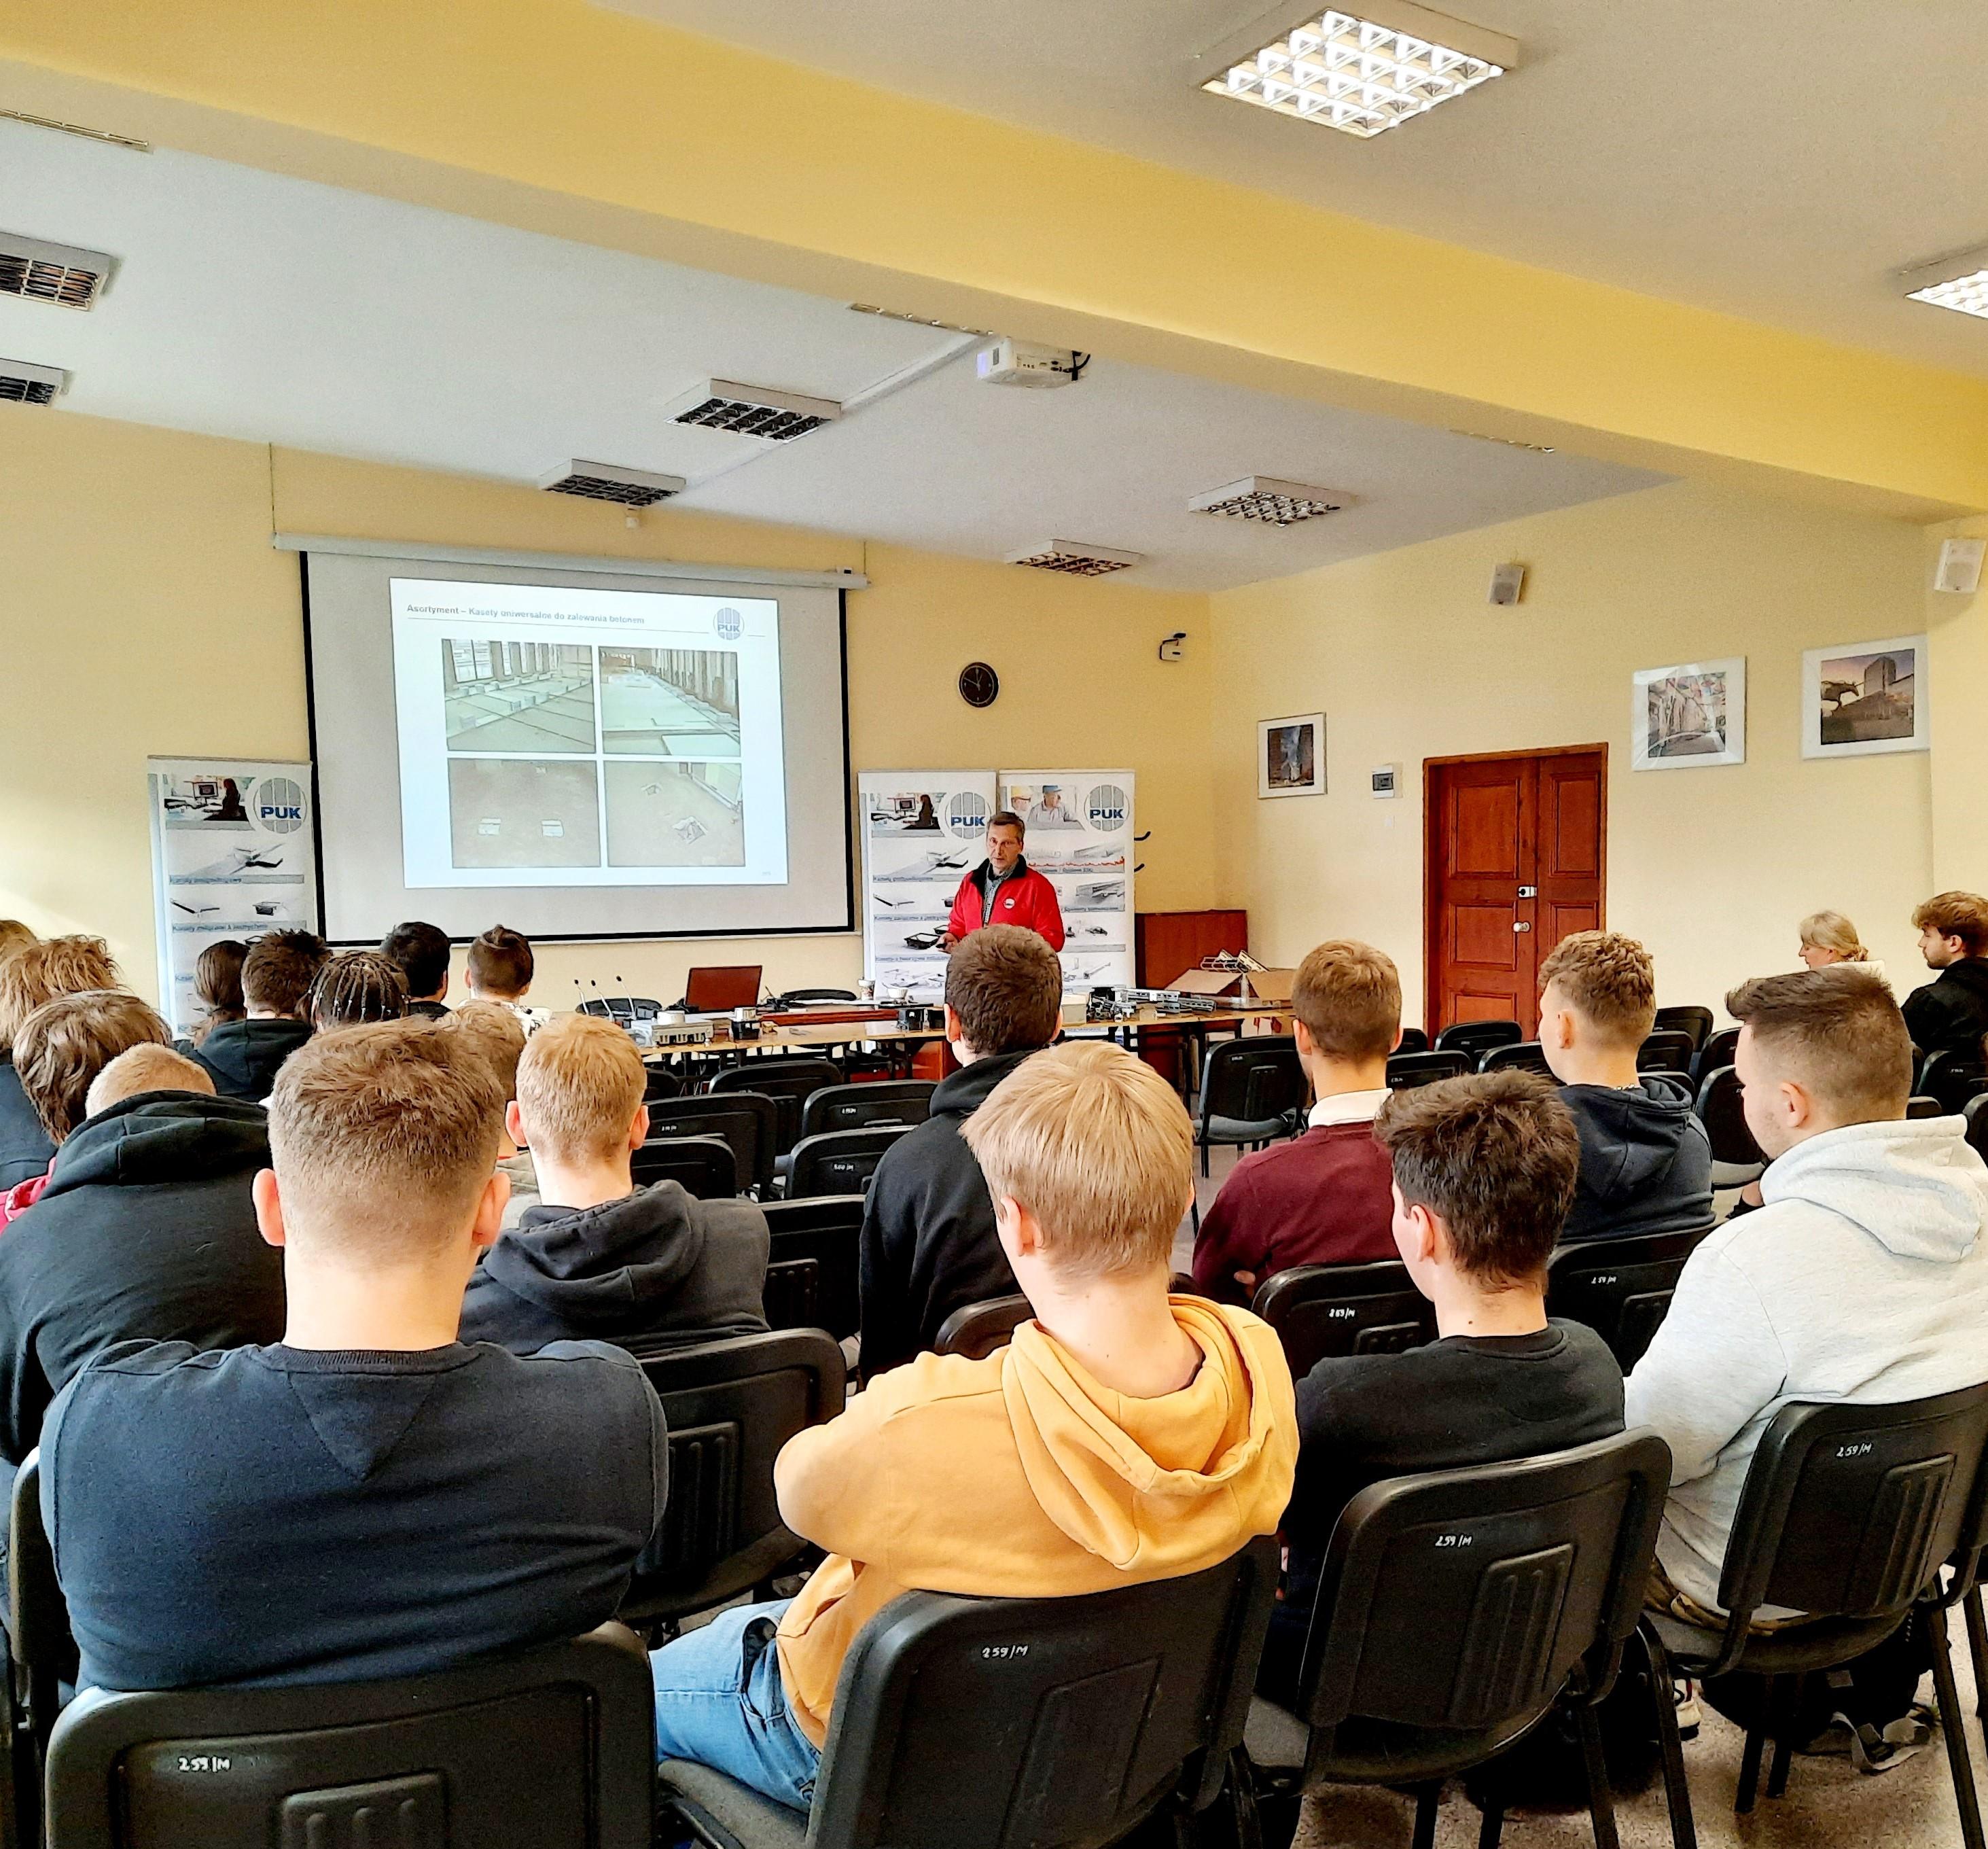 Szkolenie w Zespole Szkół Edukacji Technicznej w Łodzi